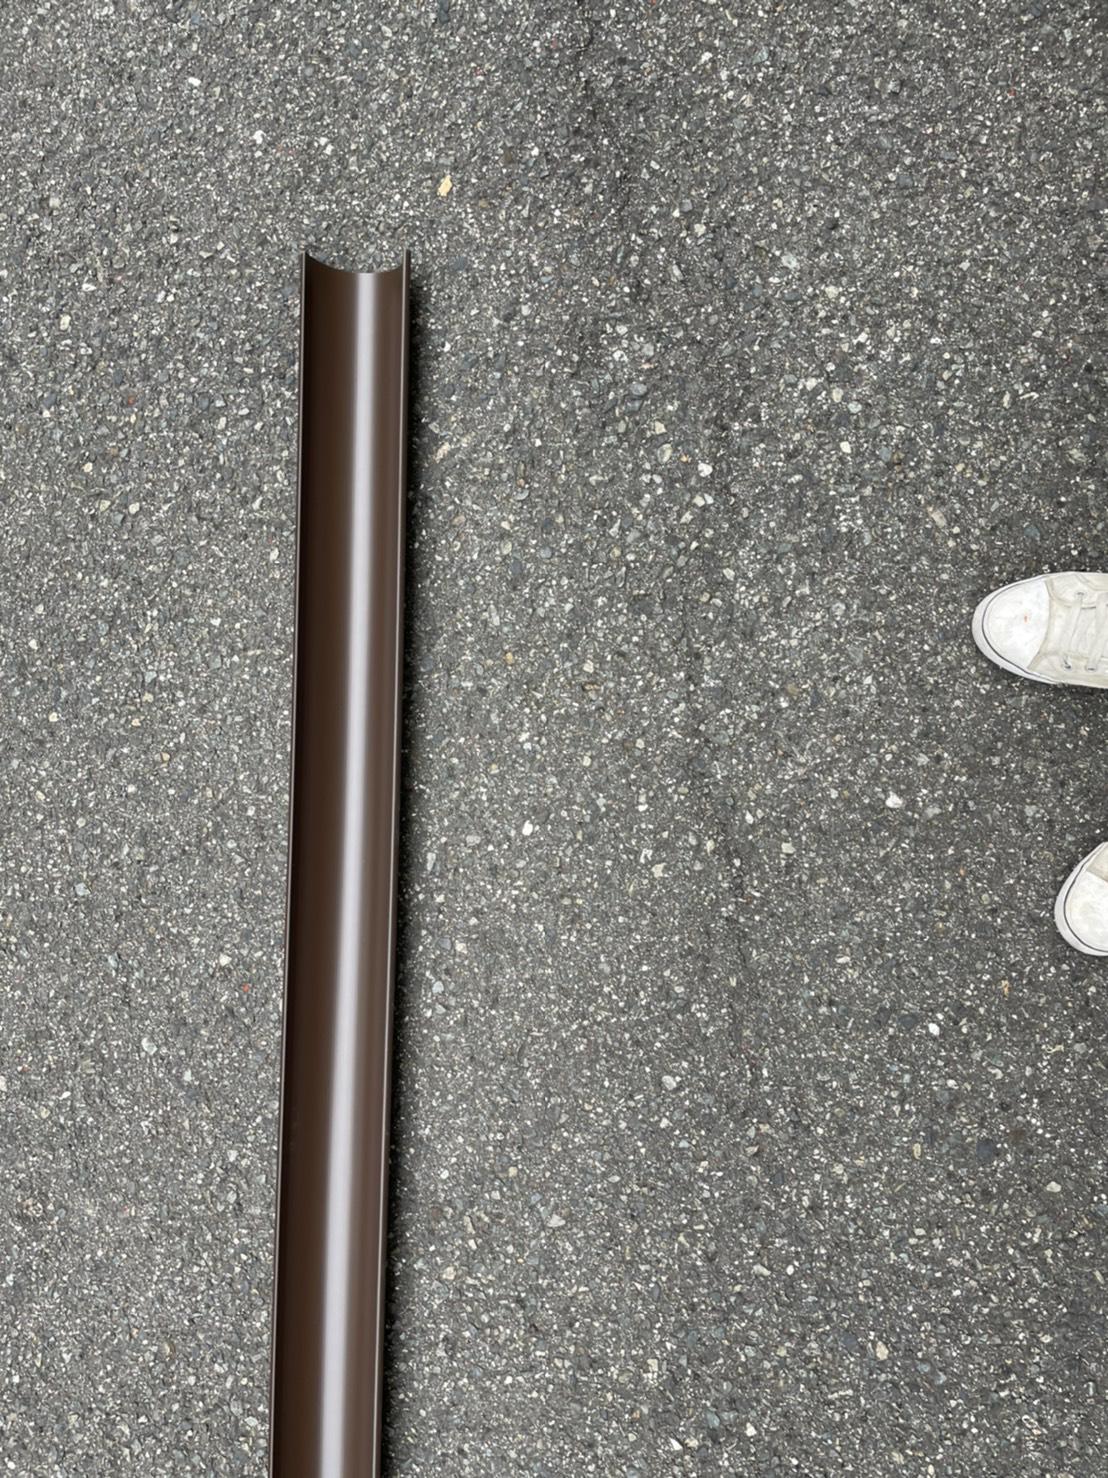 神戸市須磨区で行った雨樋修理で使用した材料